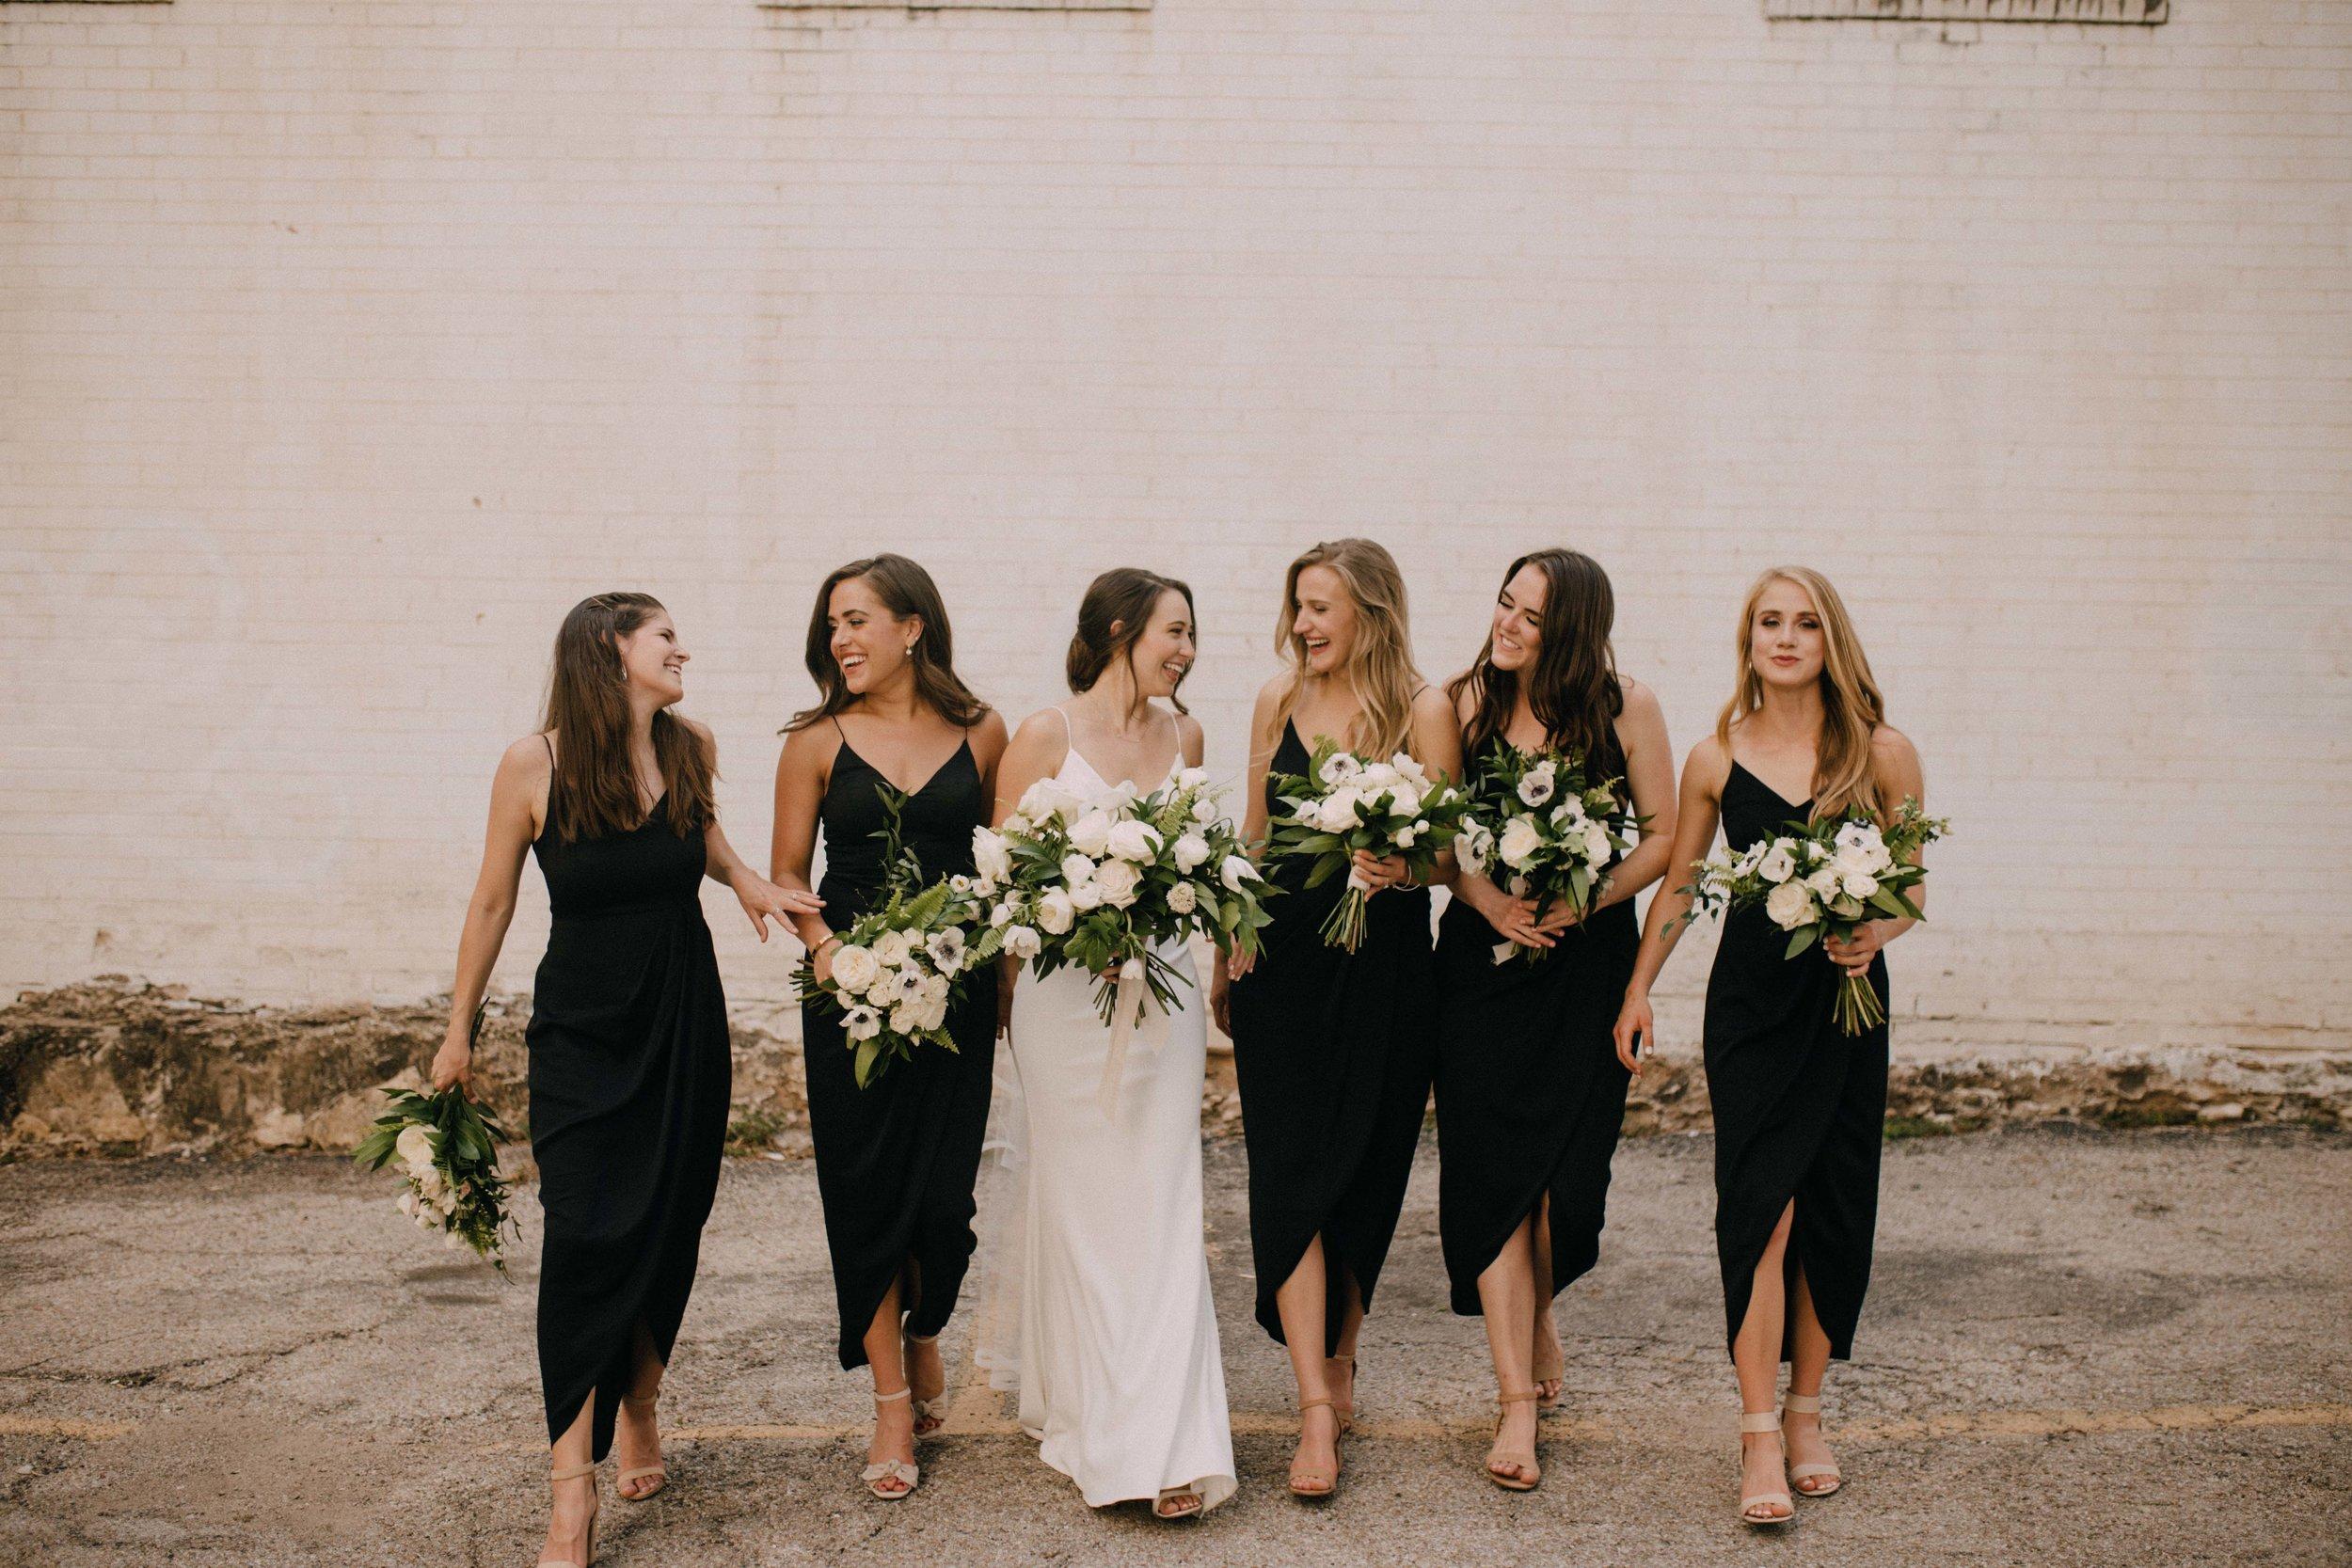 kacey sam wedding 5142.jpg